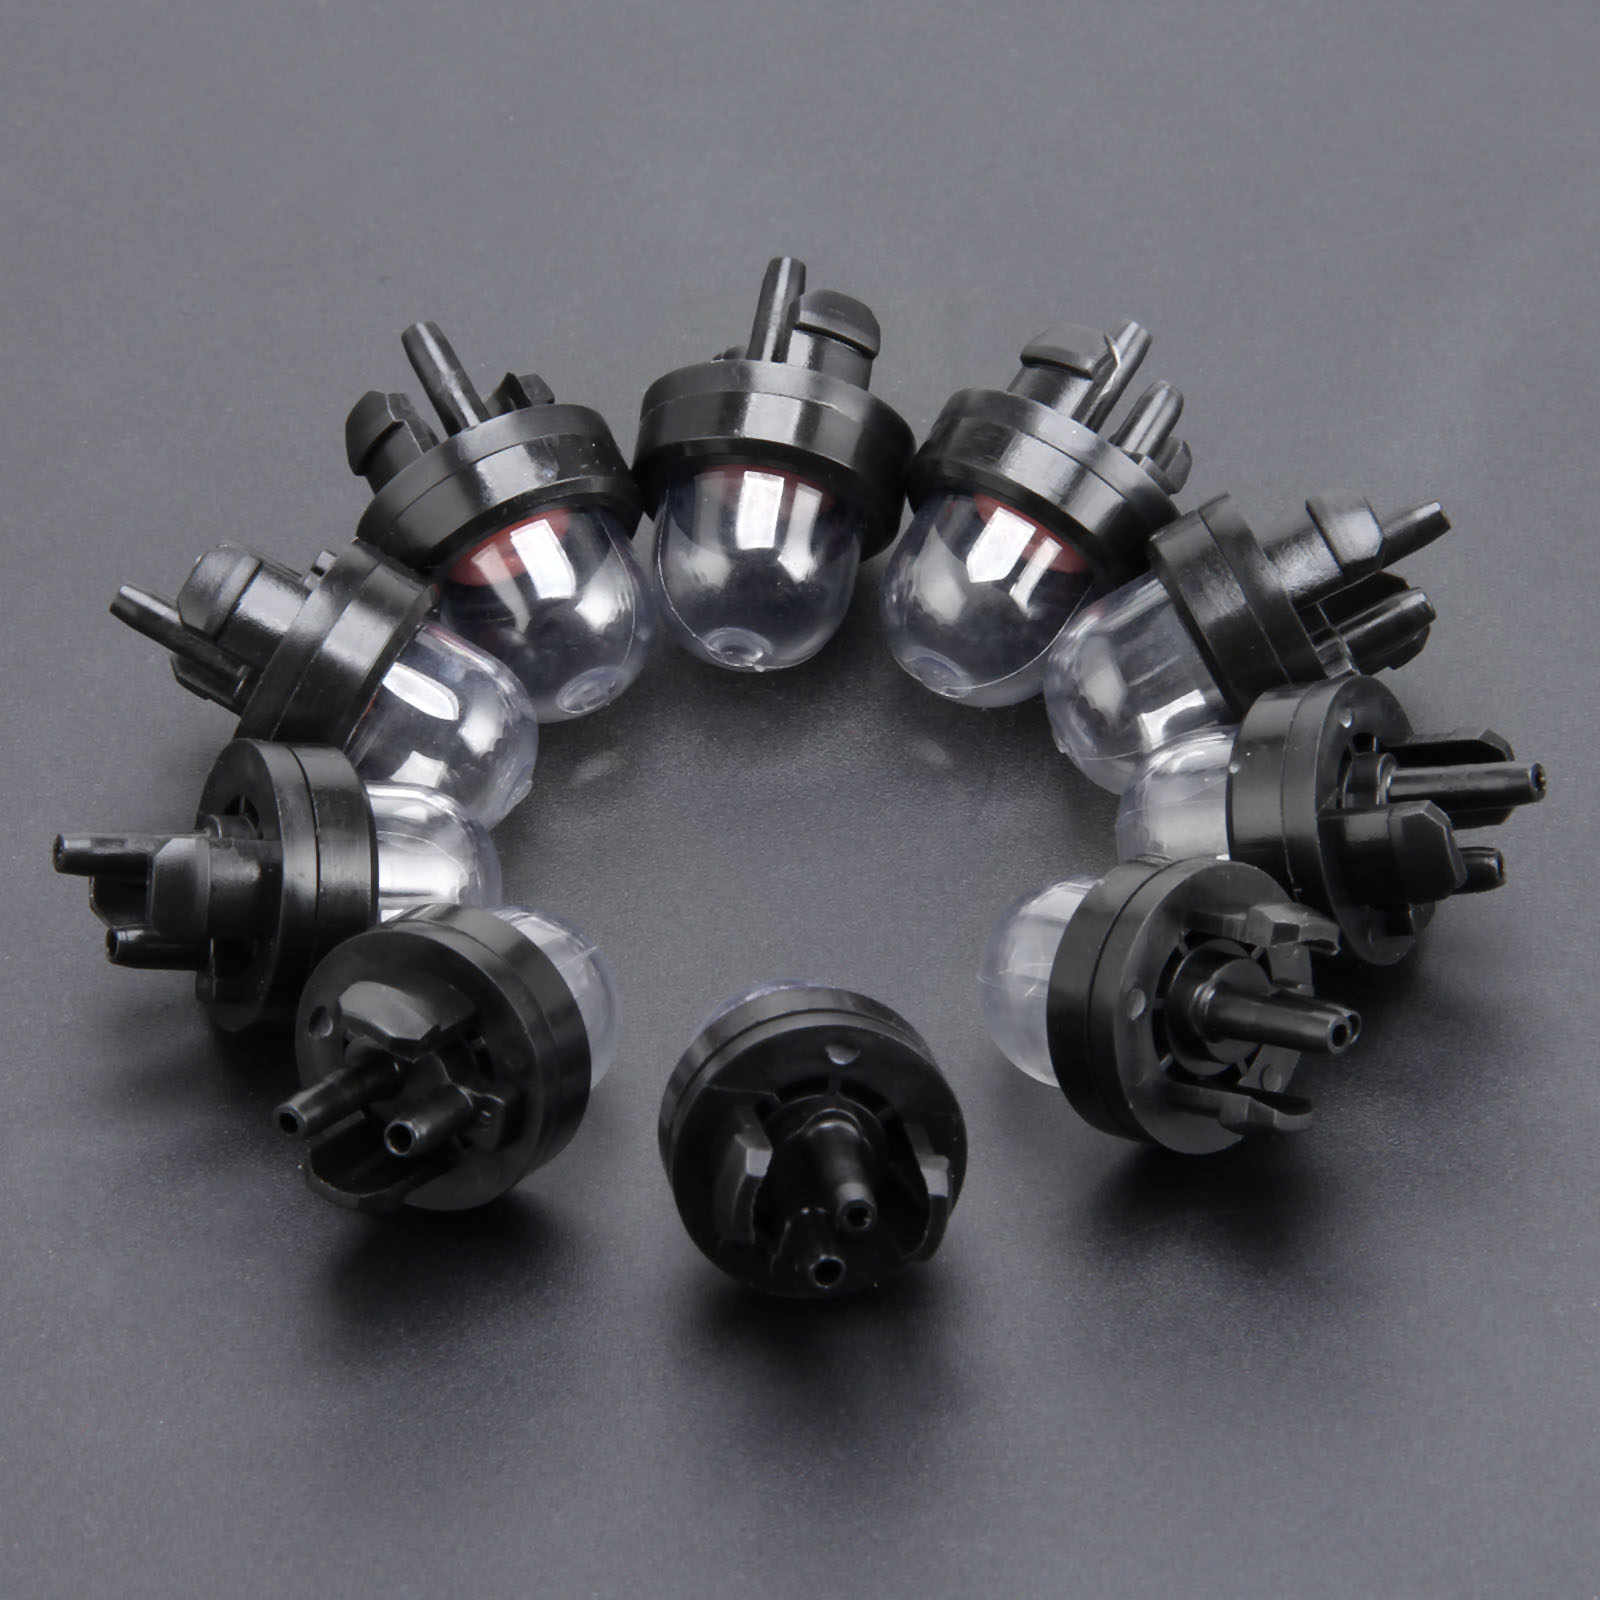 10 ชิ้นคาร์บูเรเตอร์สแน็ปใน Primer Bulb ปั๊มริมขอบสำหรับ STHIL Homeliter Ryobi Poulan พอดี 45cc 52cc 5200 5800 ลูกโซ่